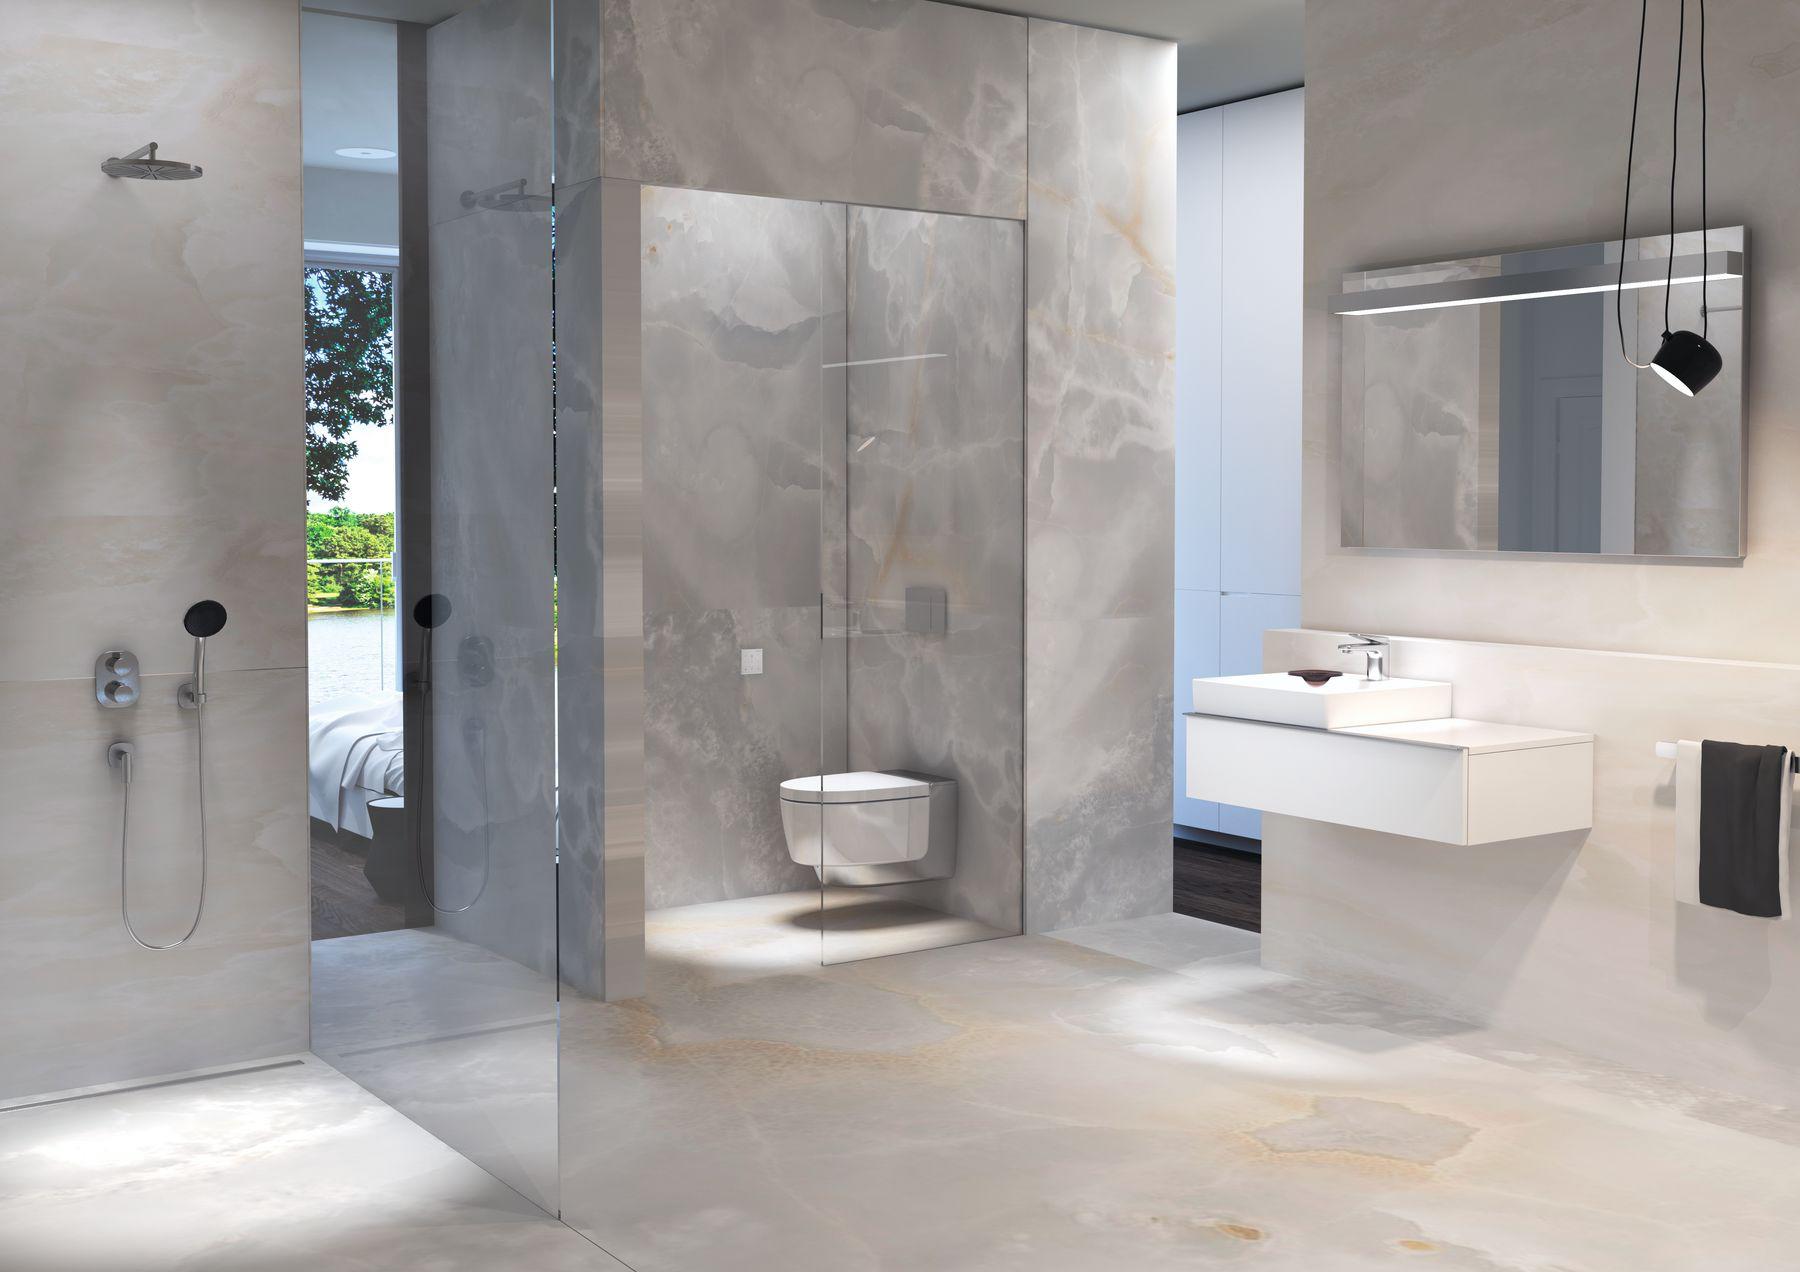 Badkamer met toilet met douchewc - Geberit Aquaclean Mera douchewc #toilet #badkamer #geberit